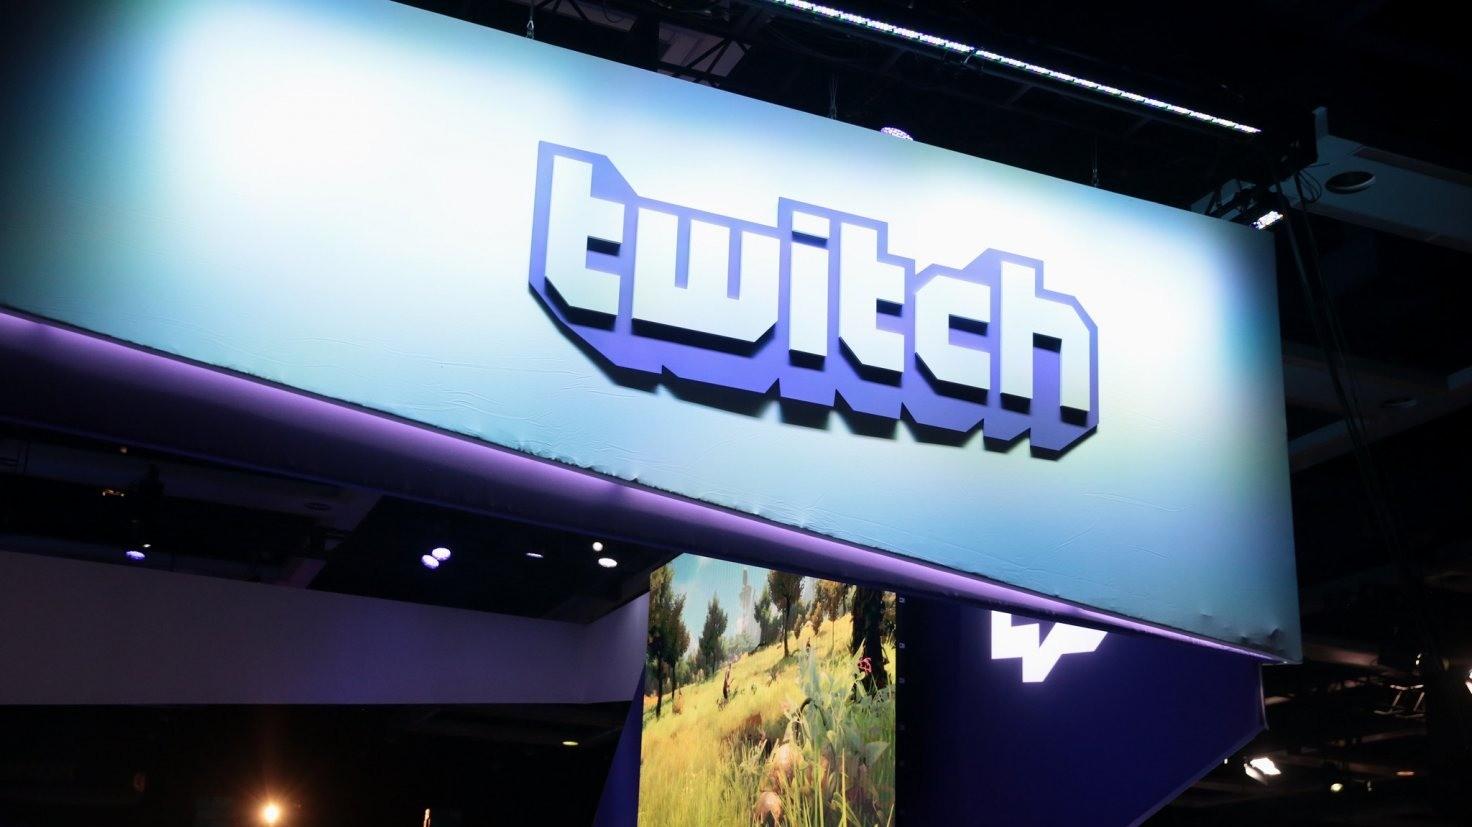 На Twitch появились постоянные скидки на долгосрочные подписки